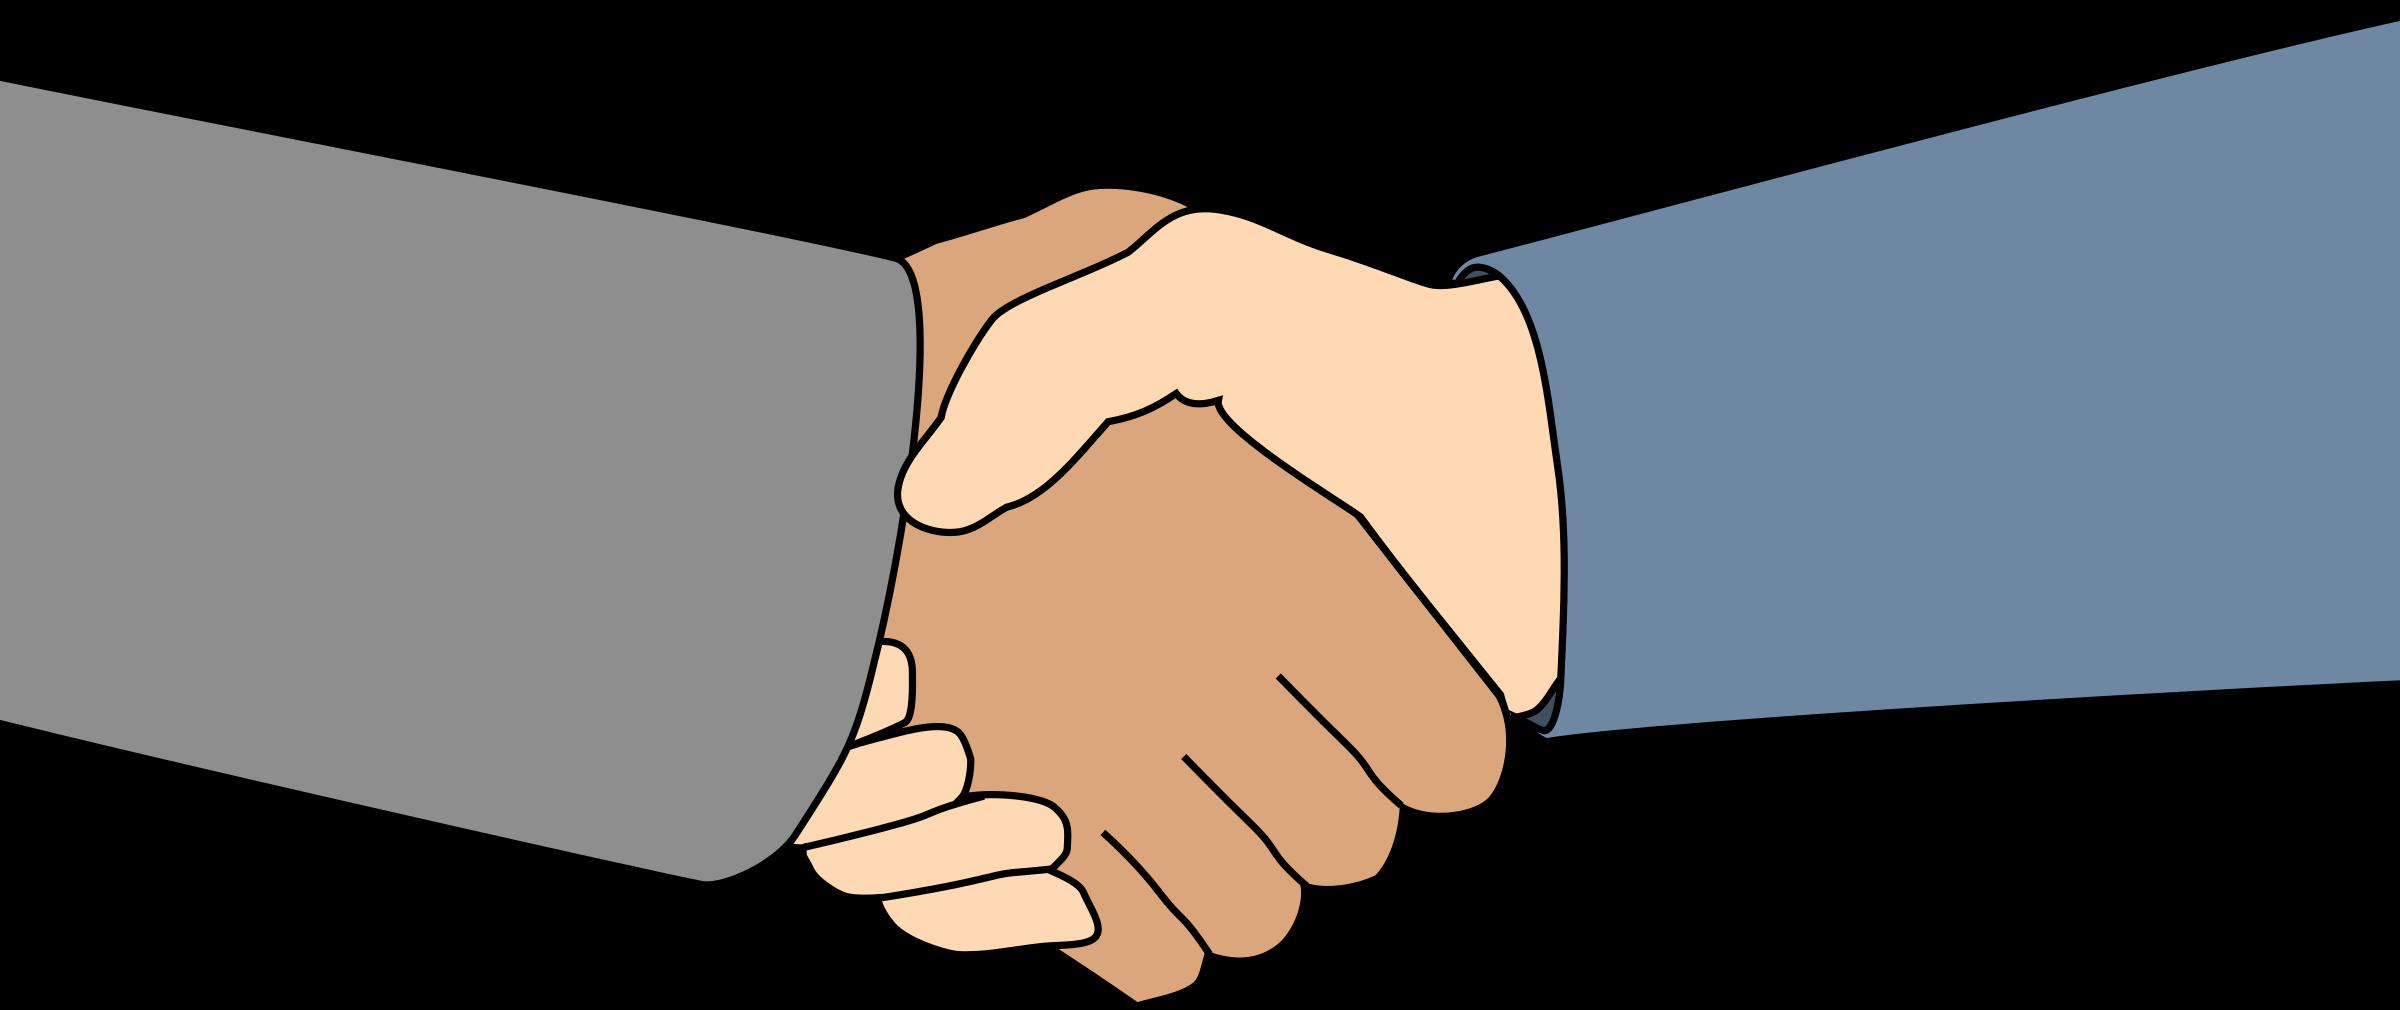 2400x1010 Free Handshake Clipart